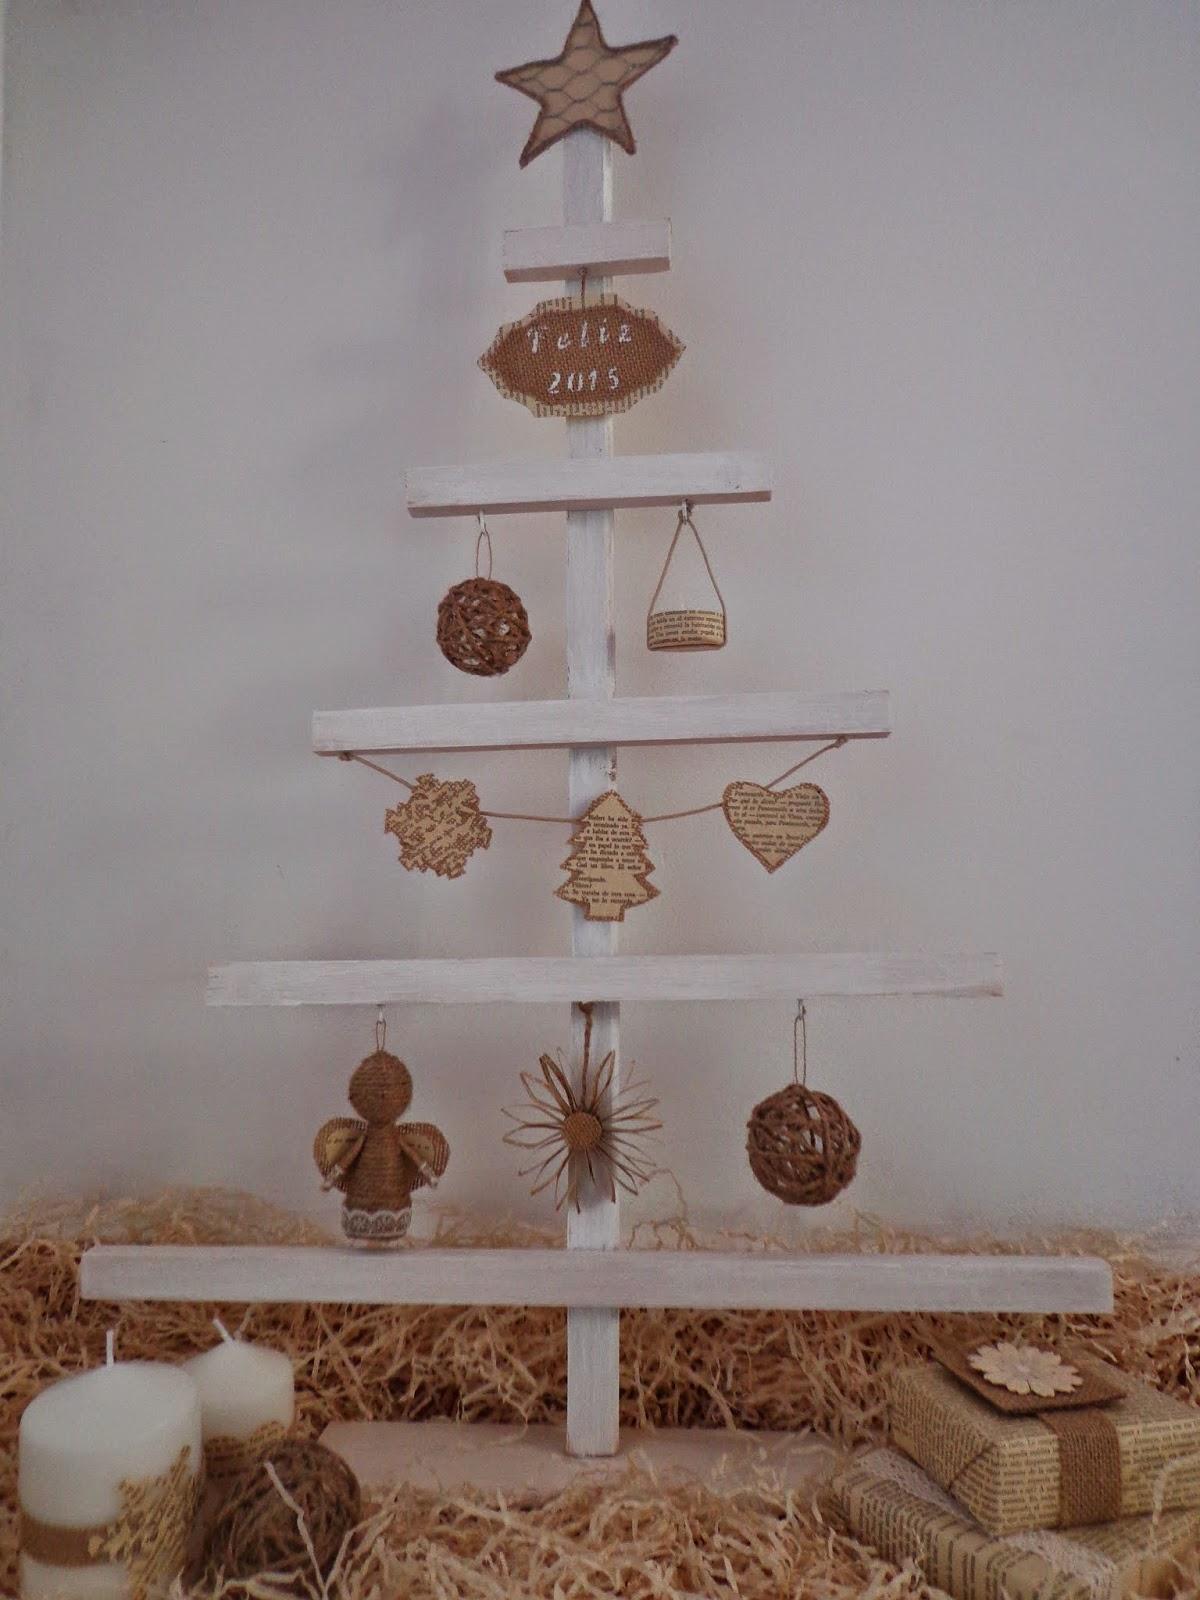 Madera cuerda arpillera feliz navidad entre anhelos y caprichos - Adornos navidenos de madera ...